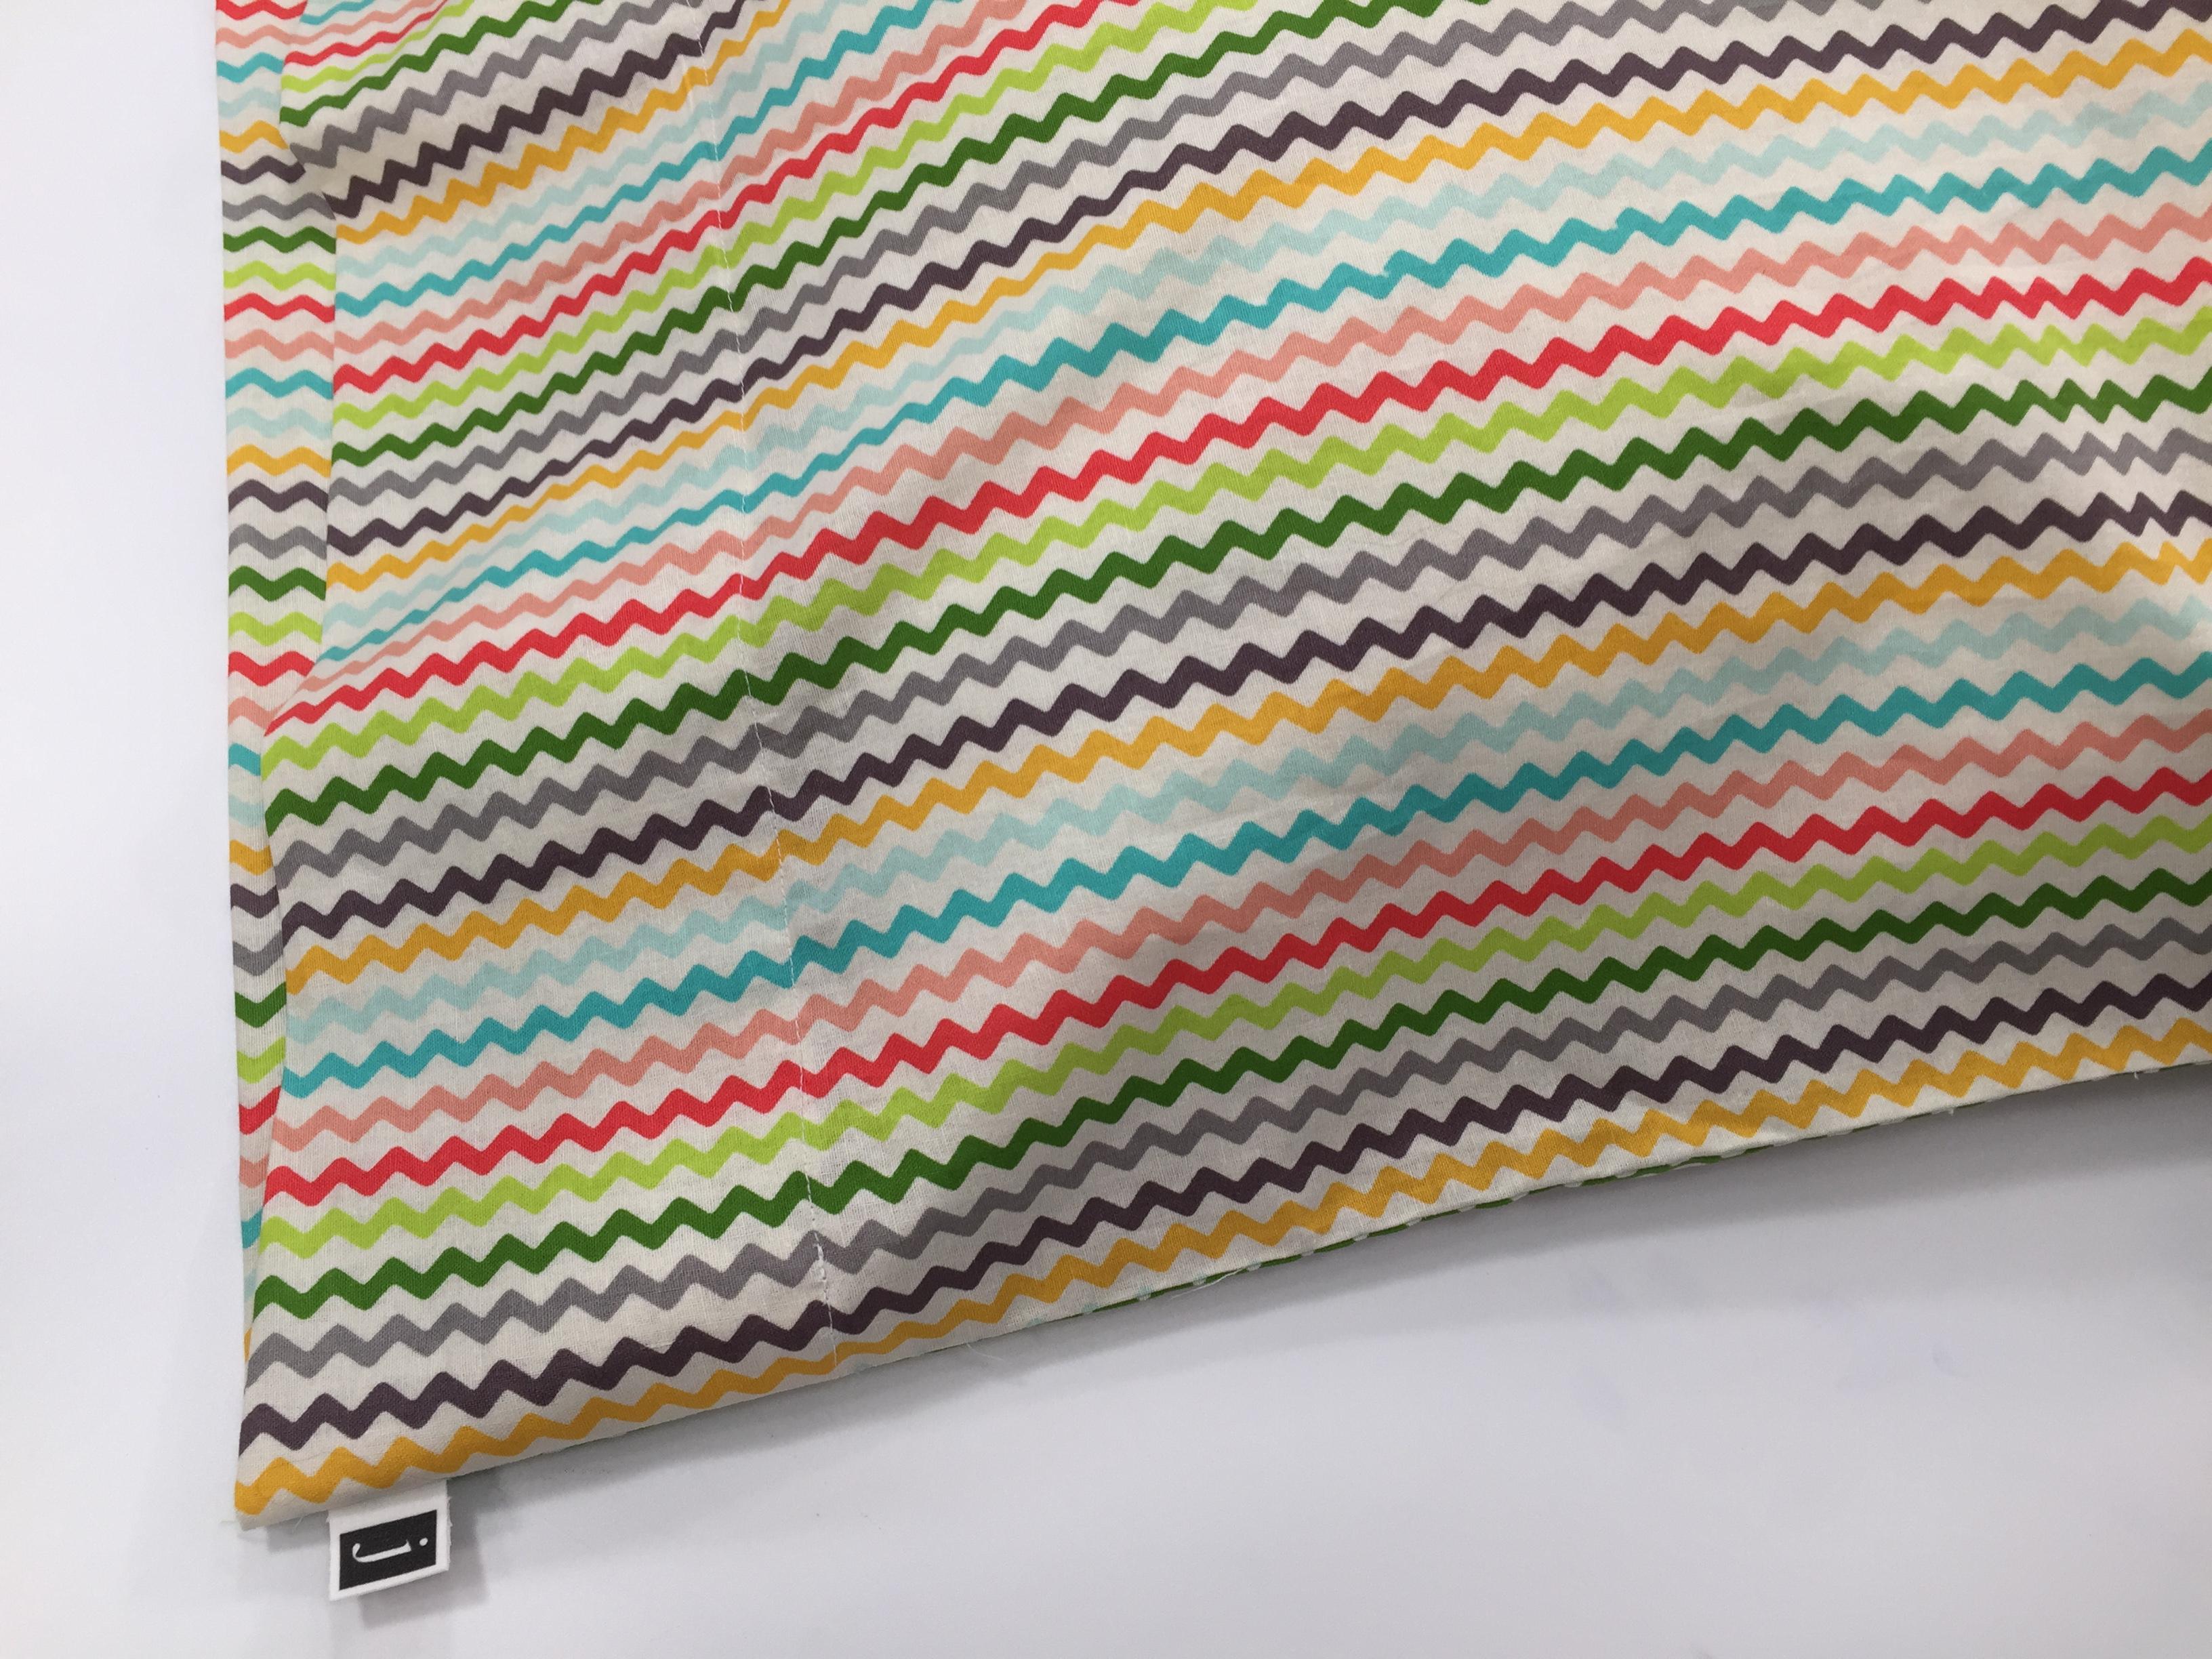 Basic Pillowcase Sewing Tutorial